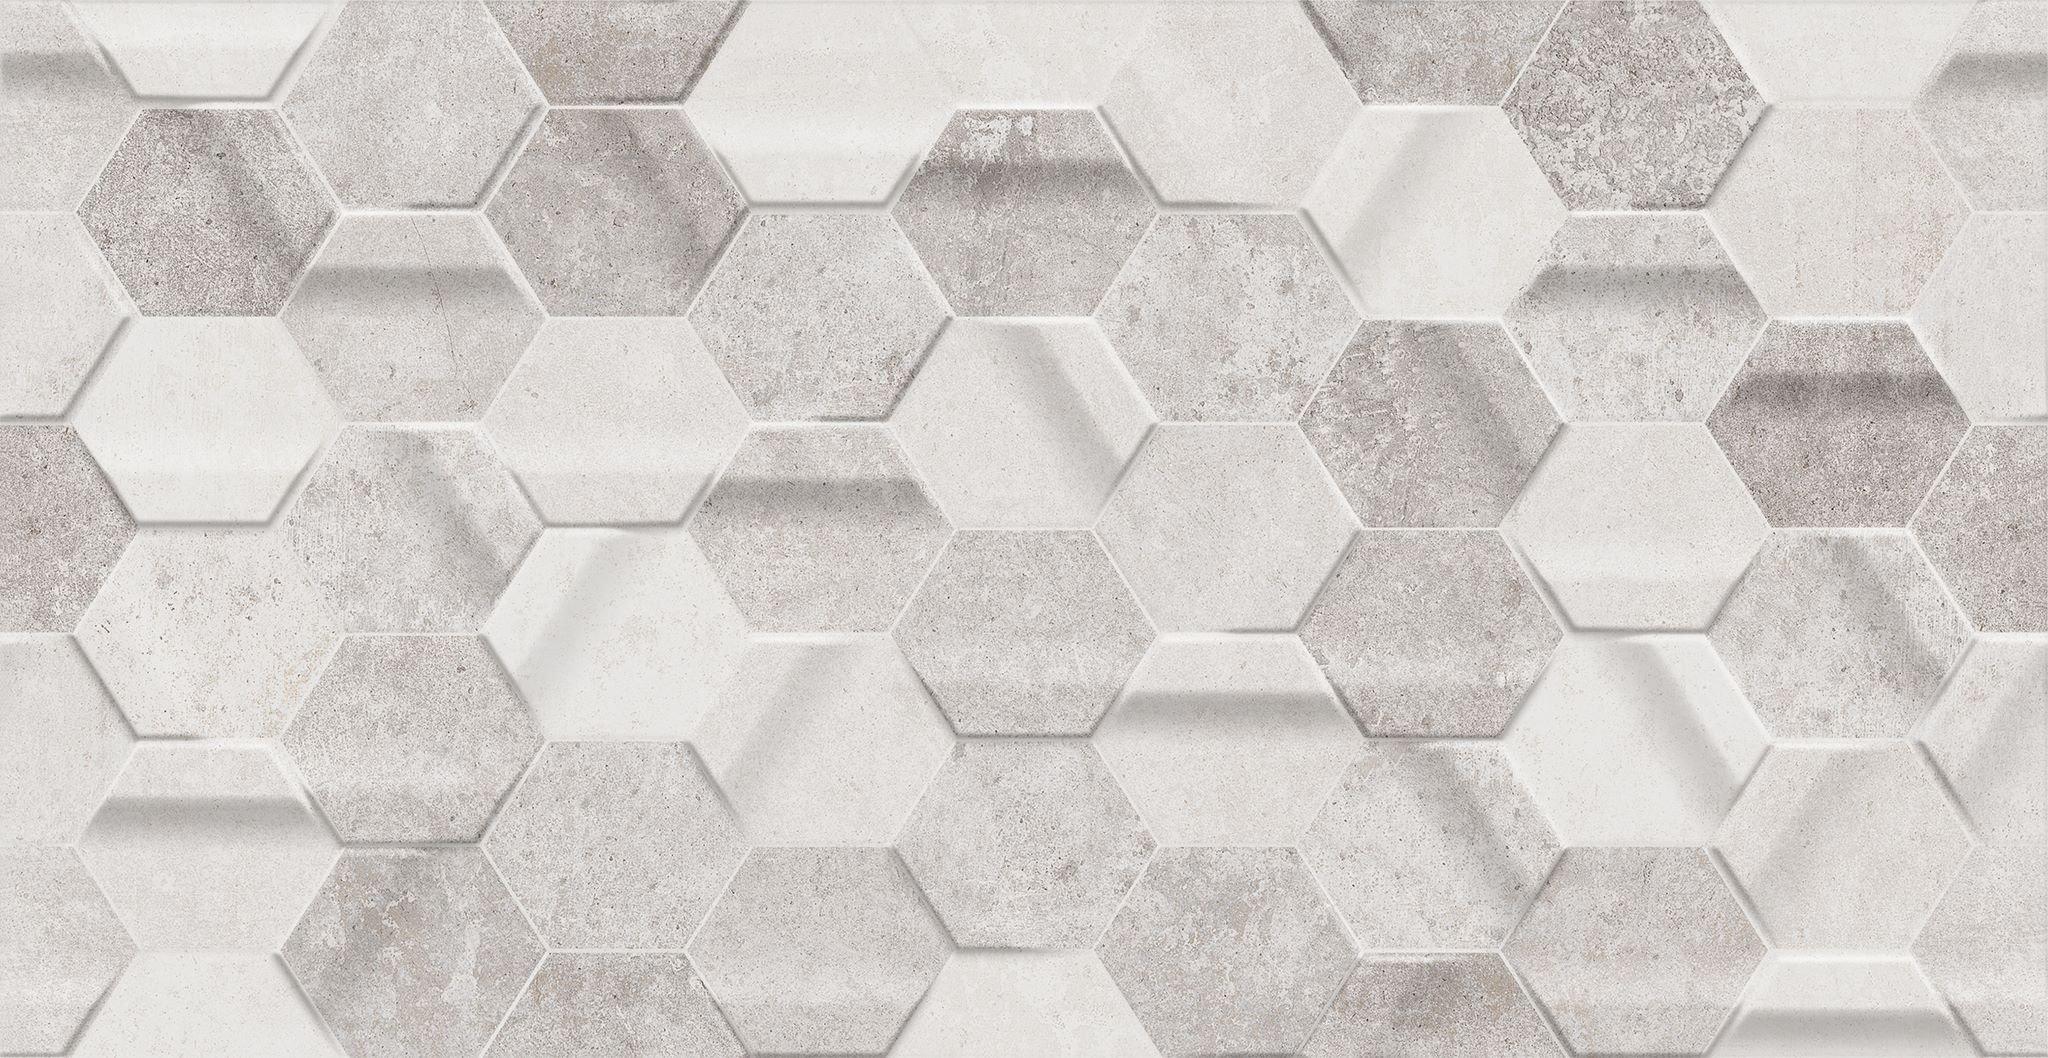 Faianță pentru baie Saloni Transfer Syrma Iris 310x600 texturată și mată mixate / 5